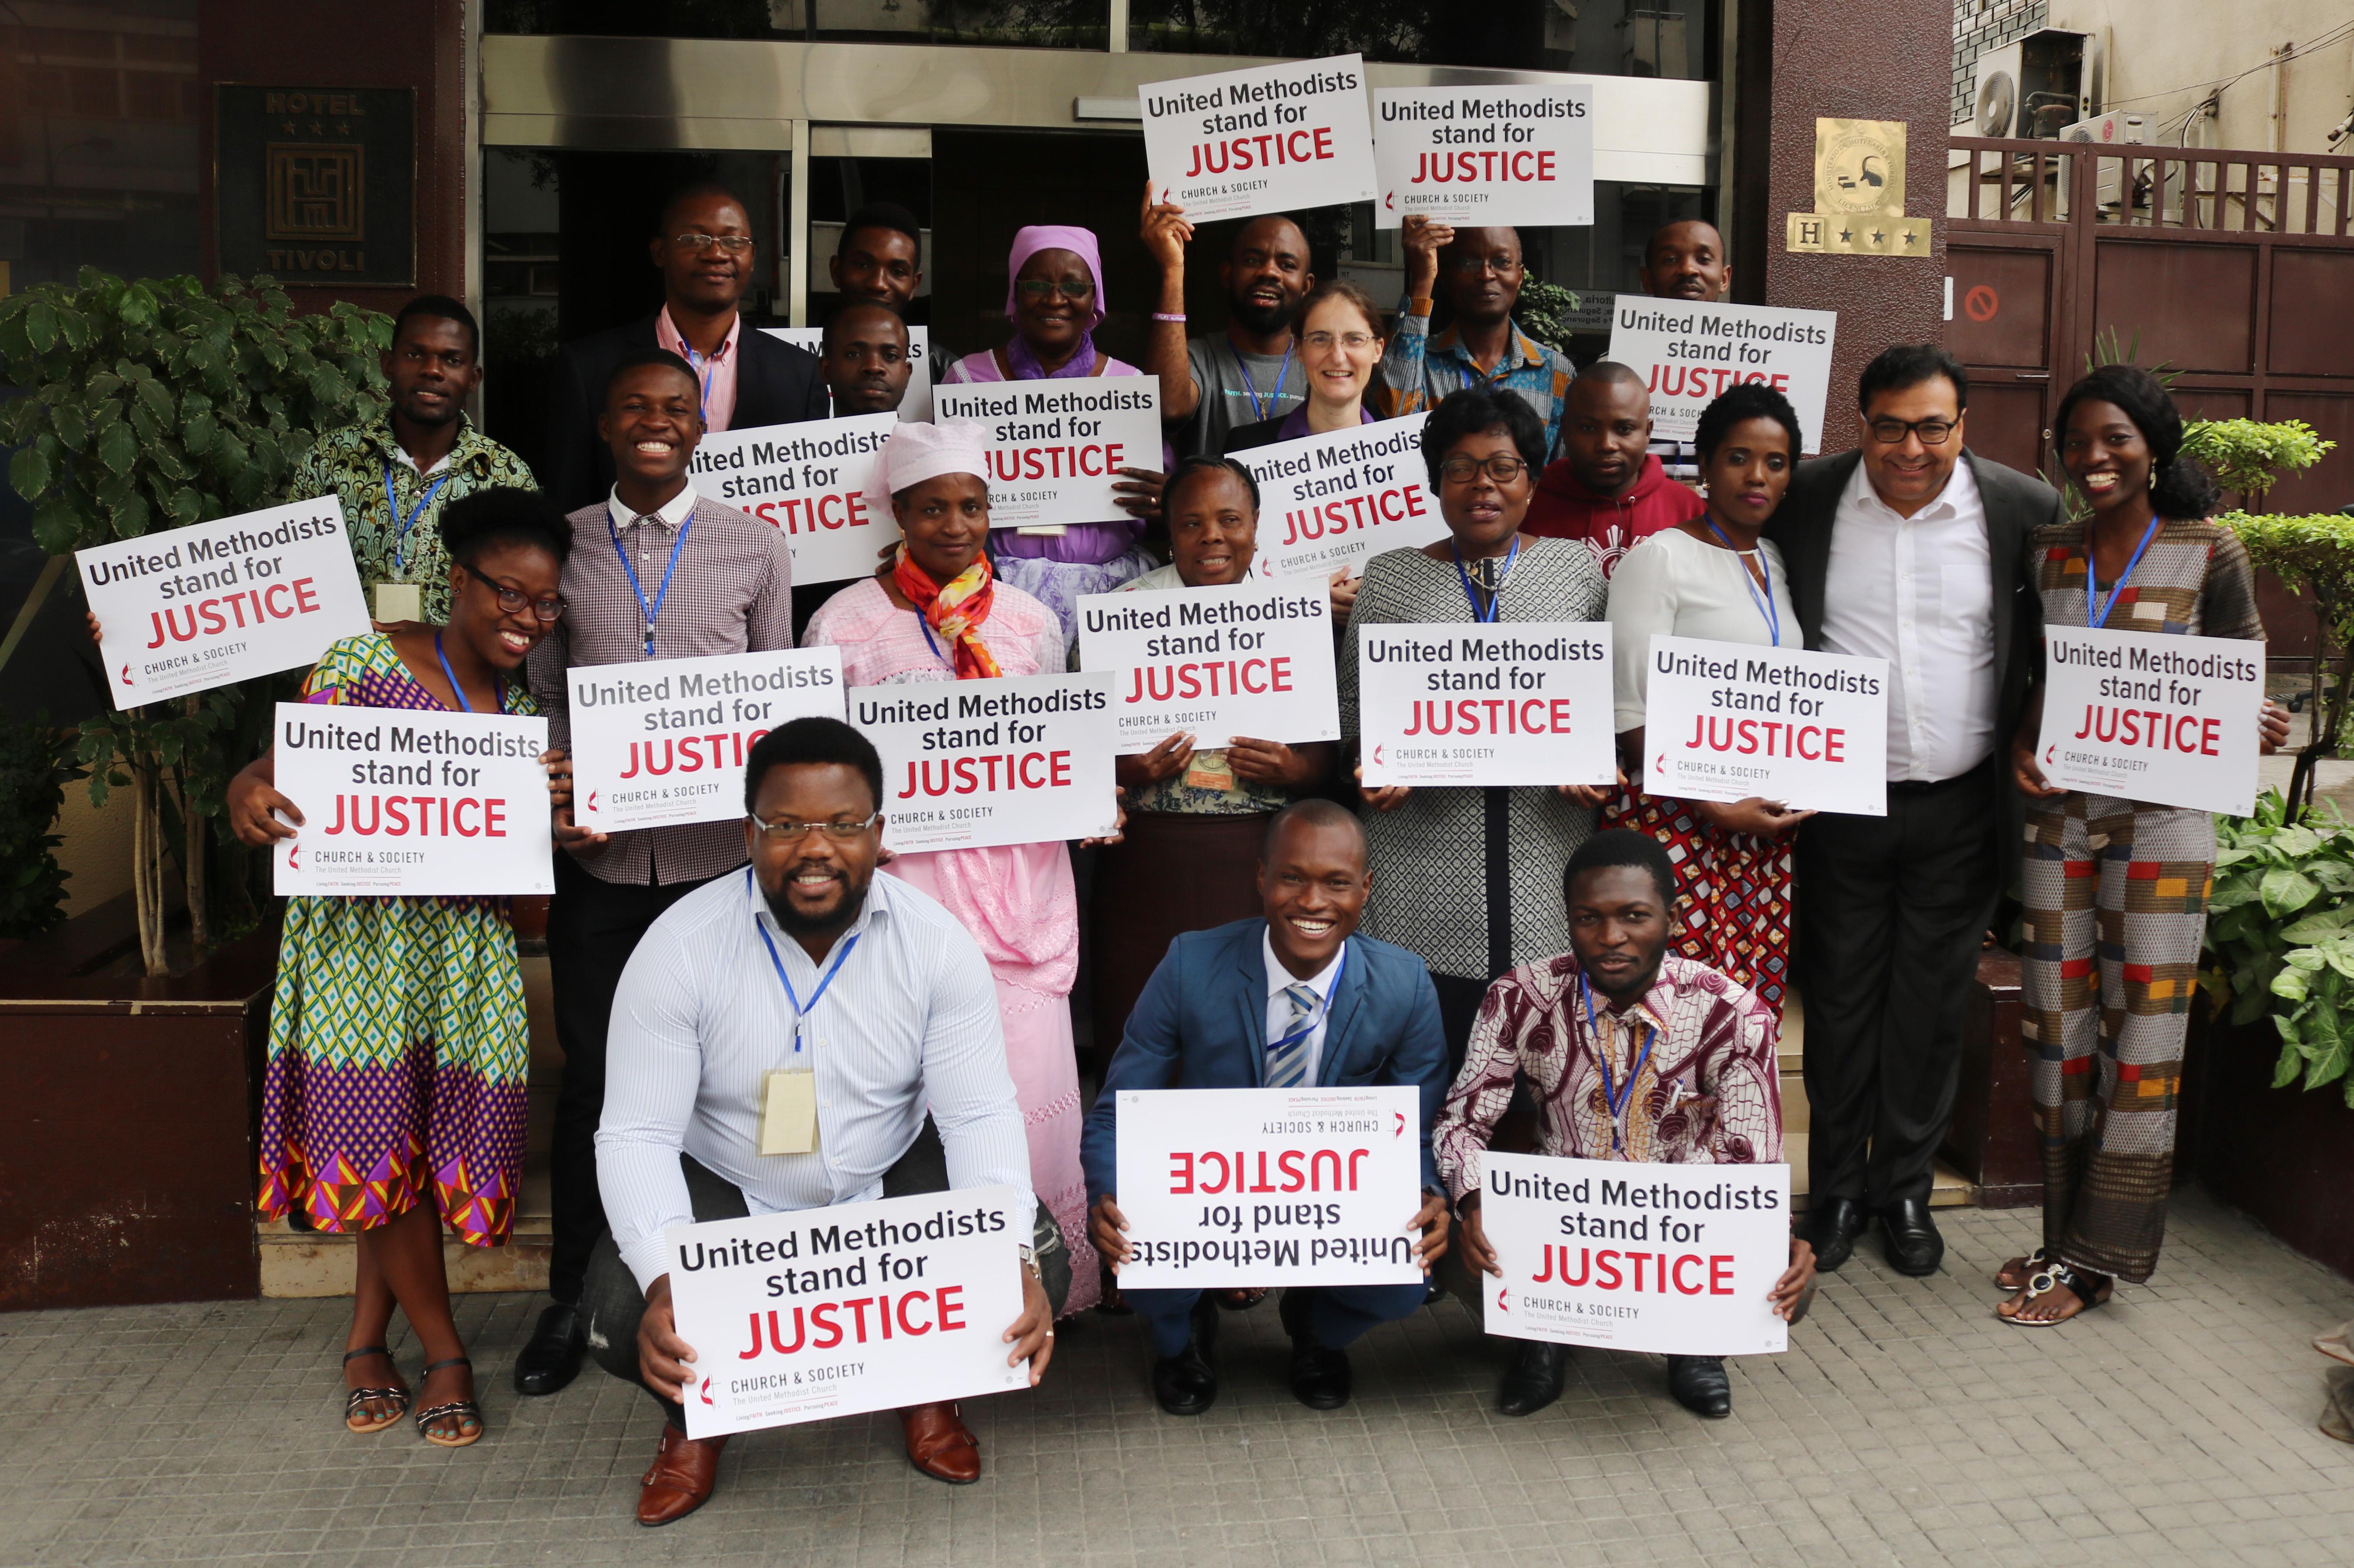 Metodistas Unidos seguram sinais após discussões em Luanda, Angola, sobre propostas da revisão dos Princípios Sociais da Igreja Metodista Unida. Foto por Orlando da Cruz, UMNS.